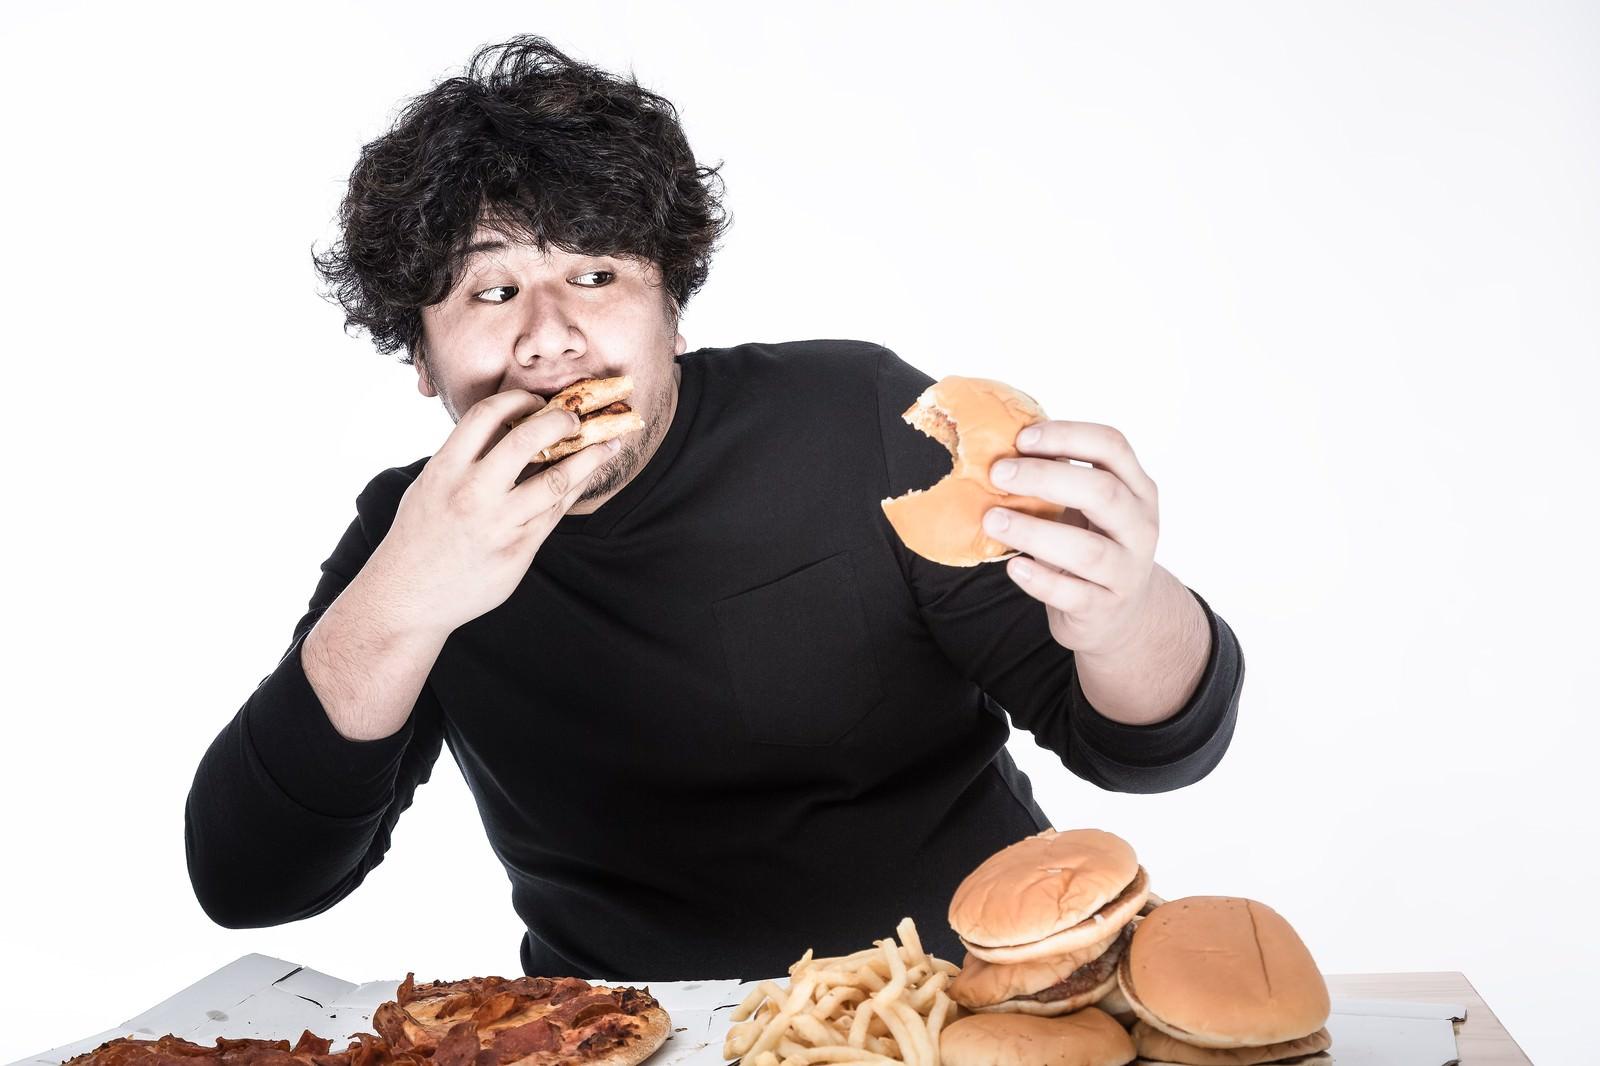 「大食い フリー素材」の画像検索結果